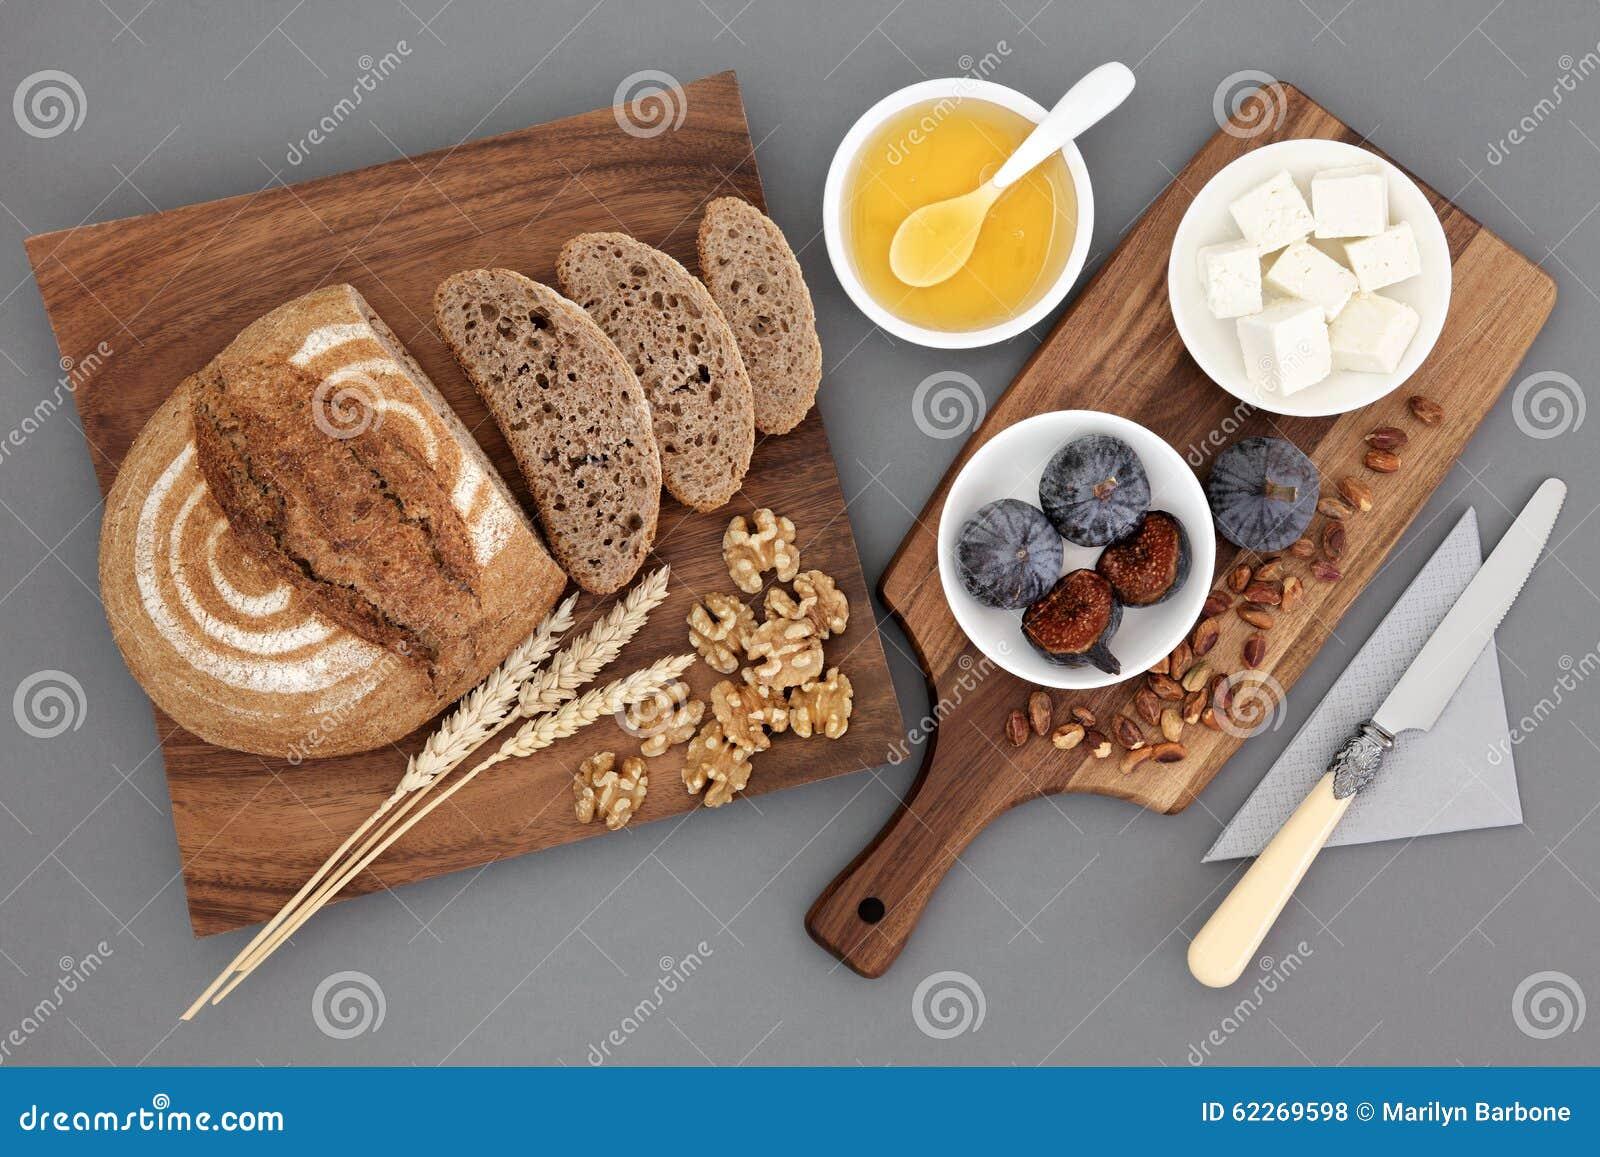 Ελληνικά τρόφιμα πρόχειρων φαγητών